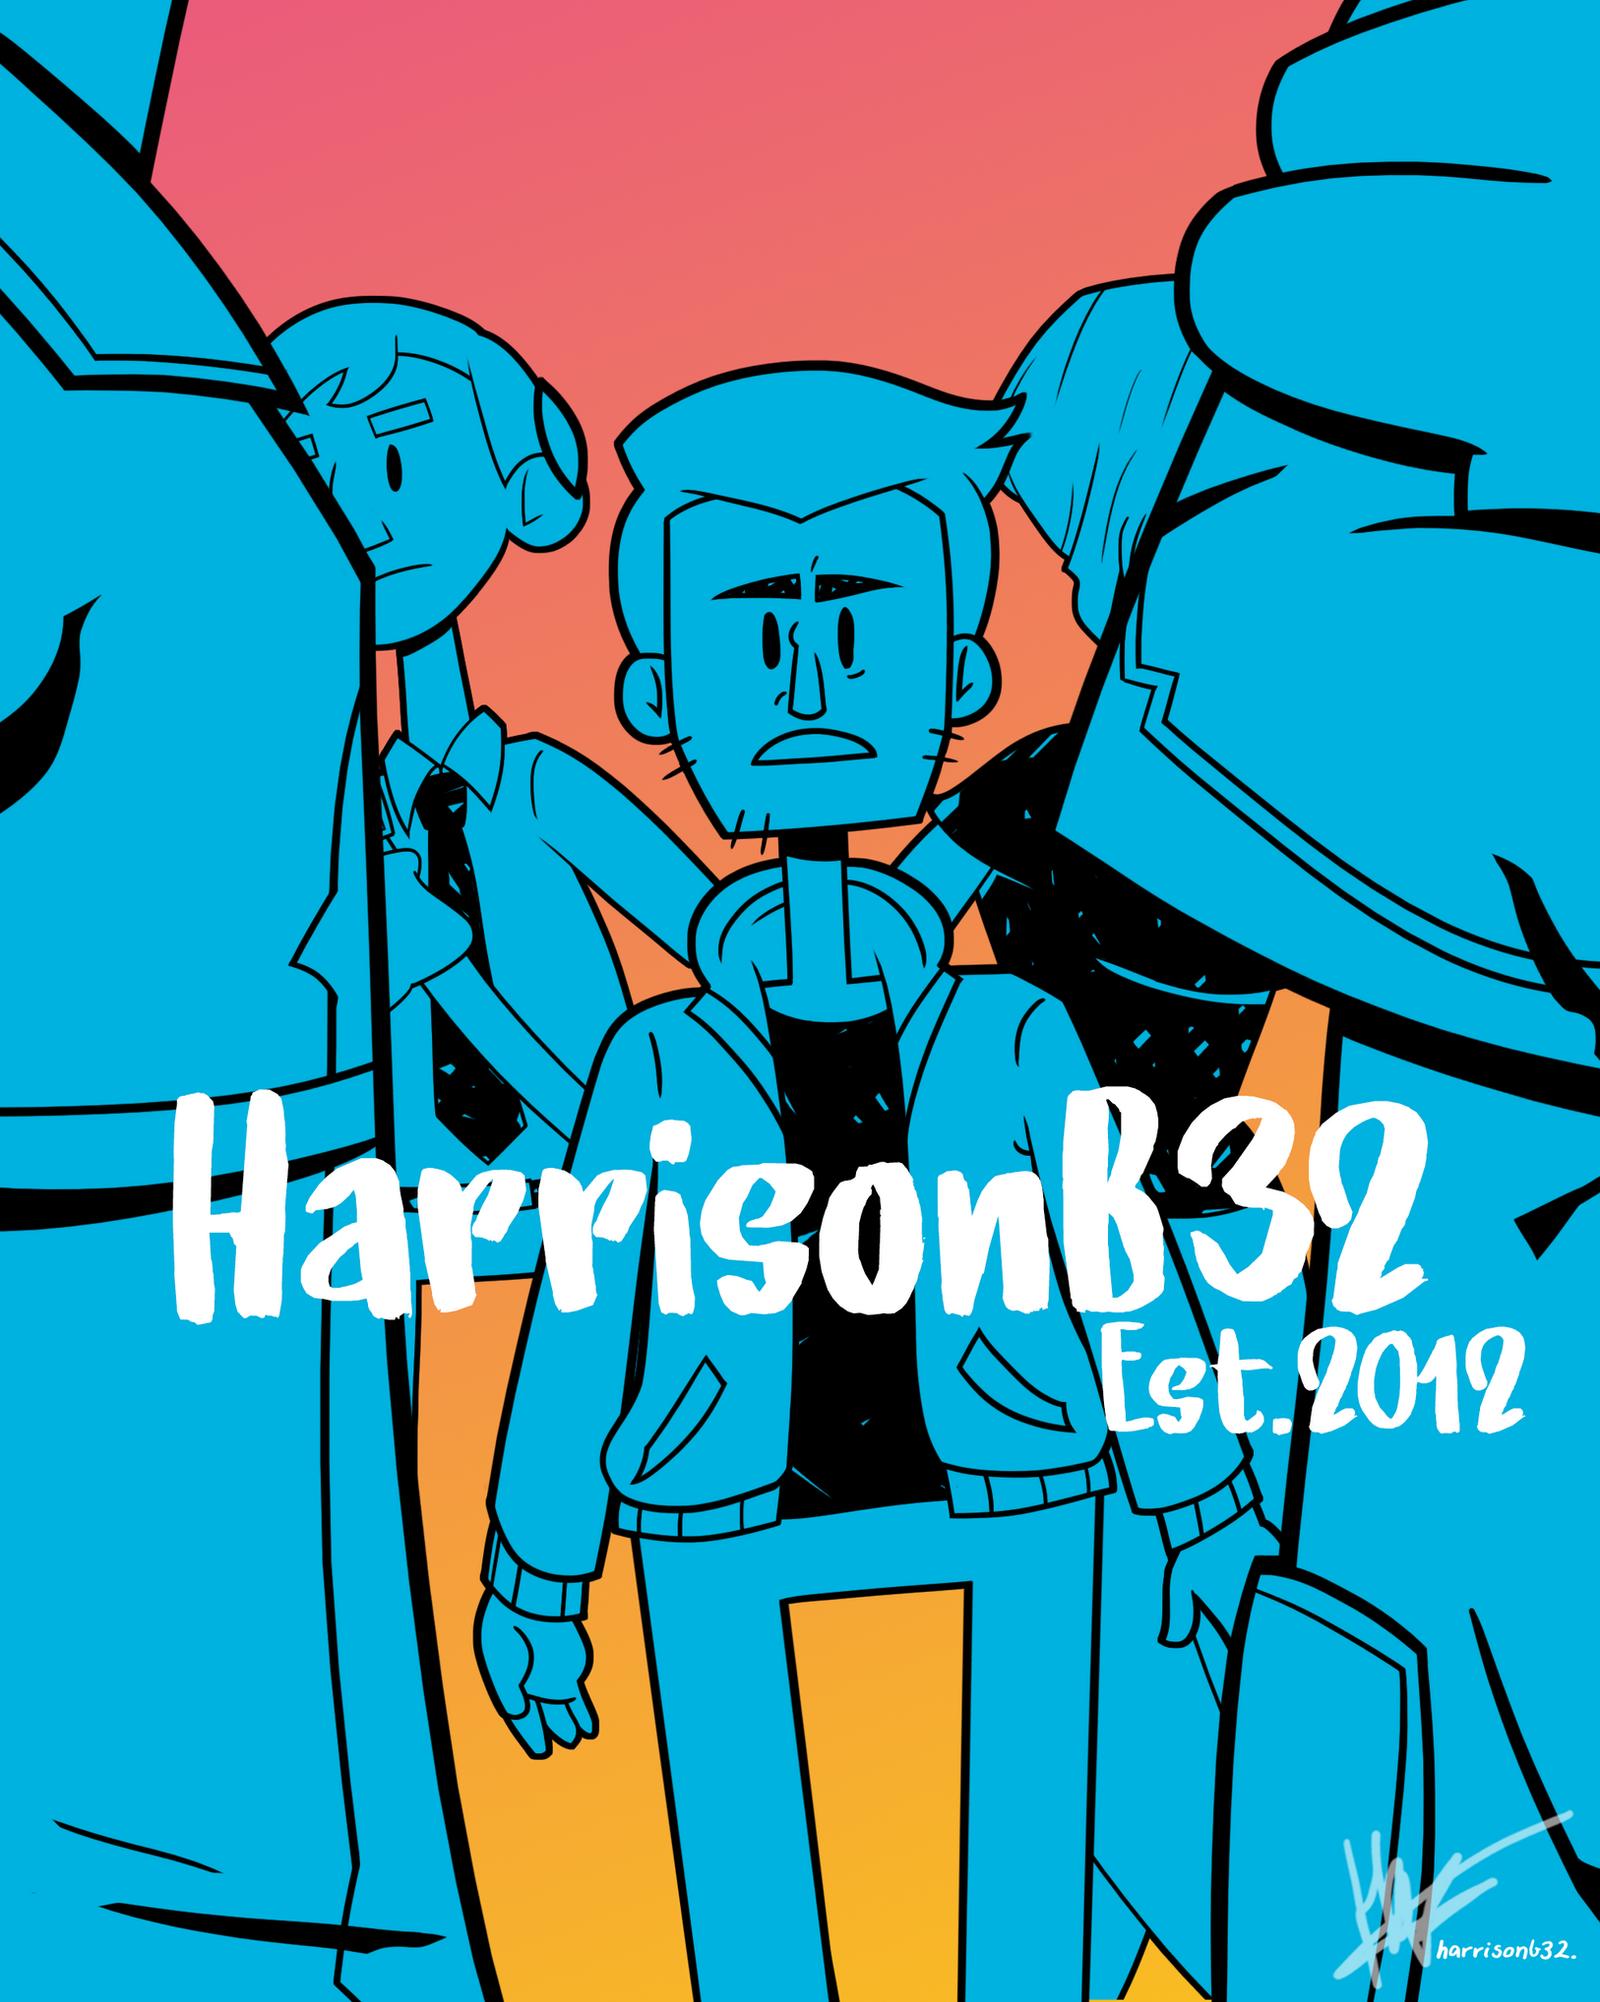 harrisonb32's Profile Picture